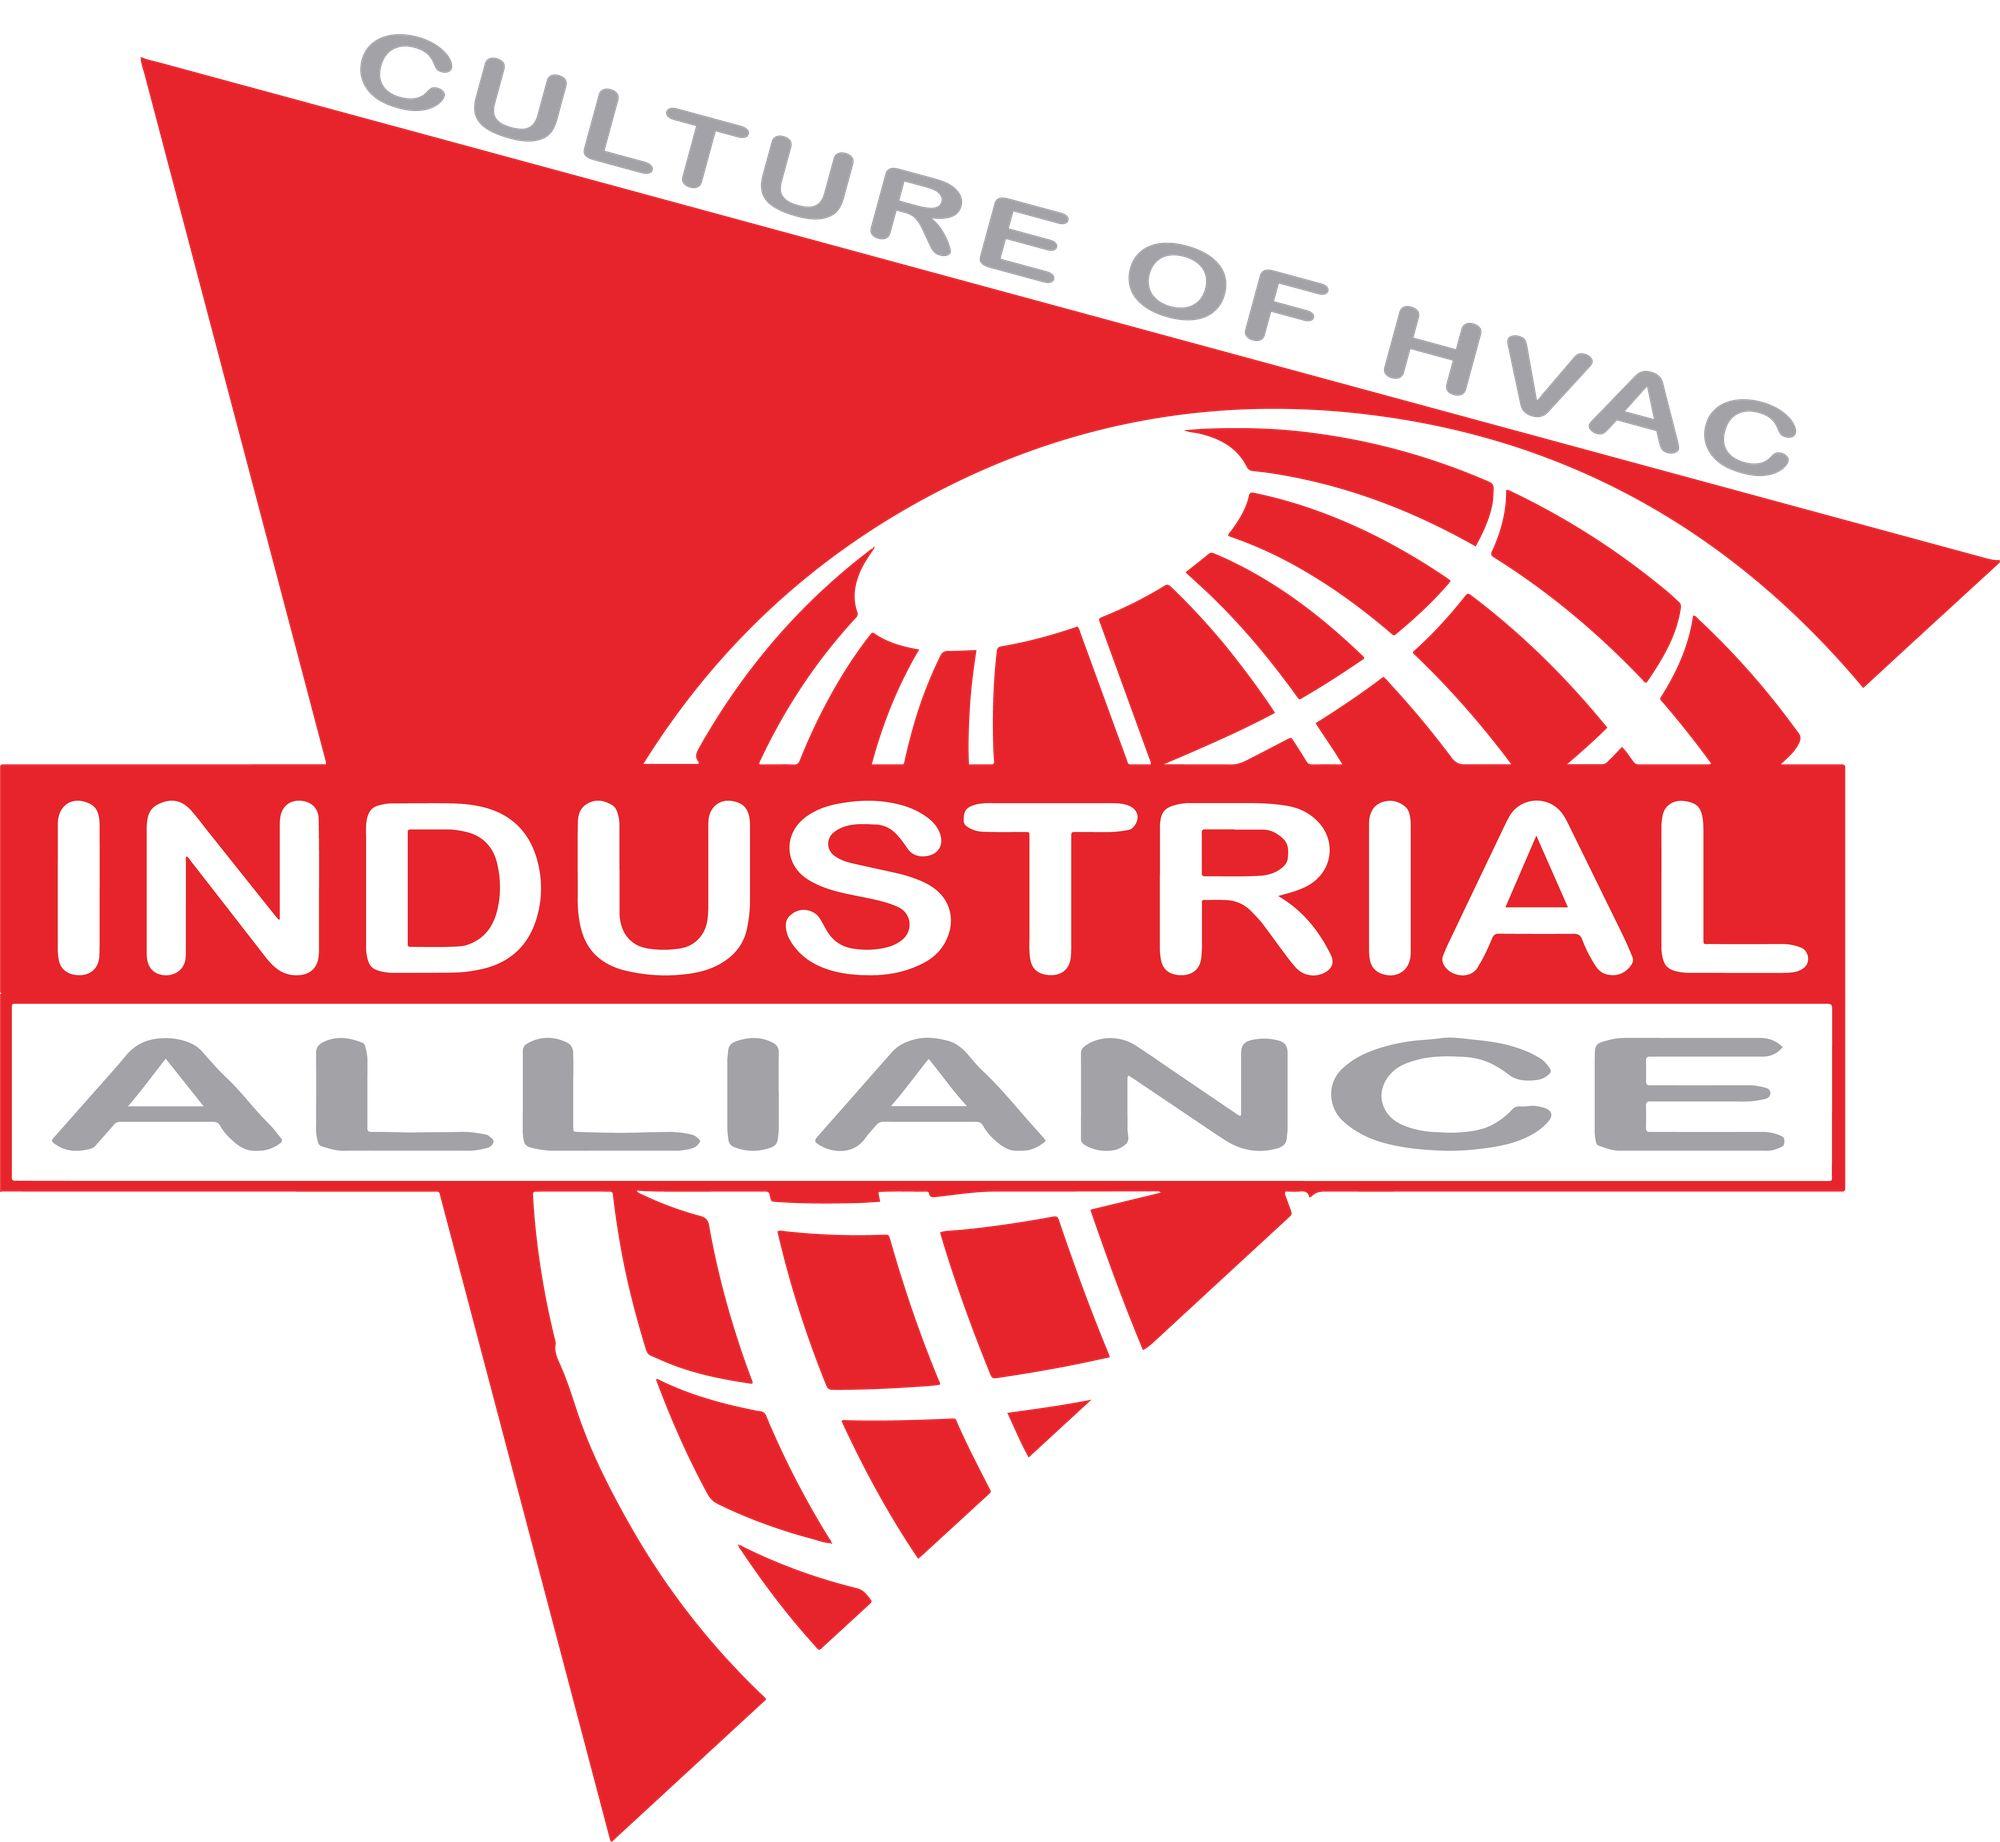 Industrial Alliance doo Vršac